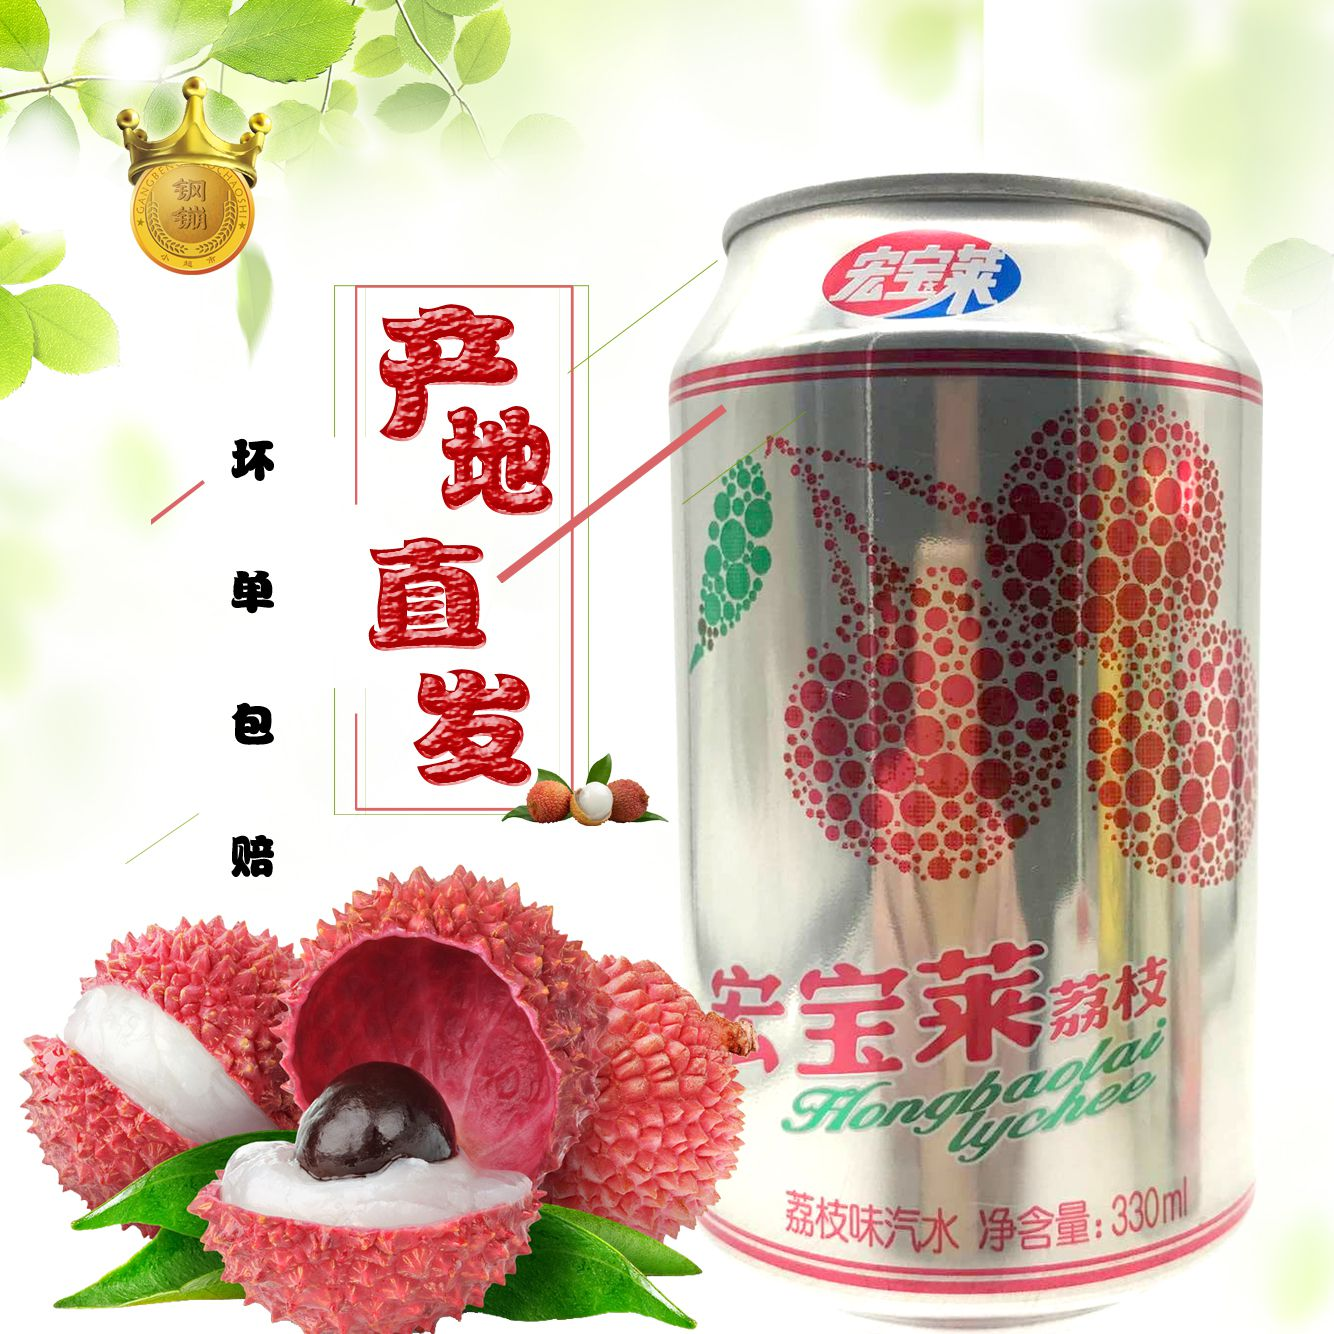 宏宝莱荔枝味听装罐装汽水碳酸饮料东风味怀旧饮品24瓶*330ml包。